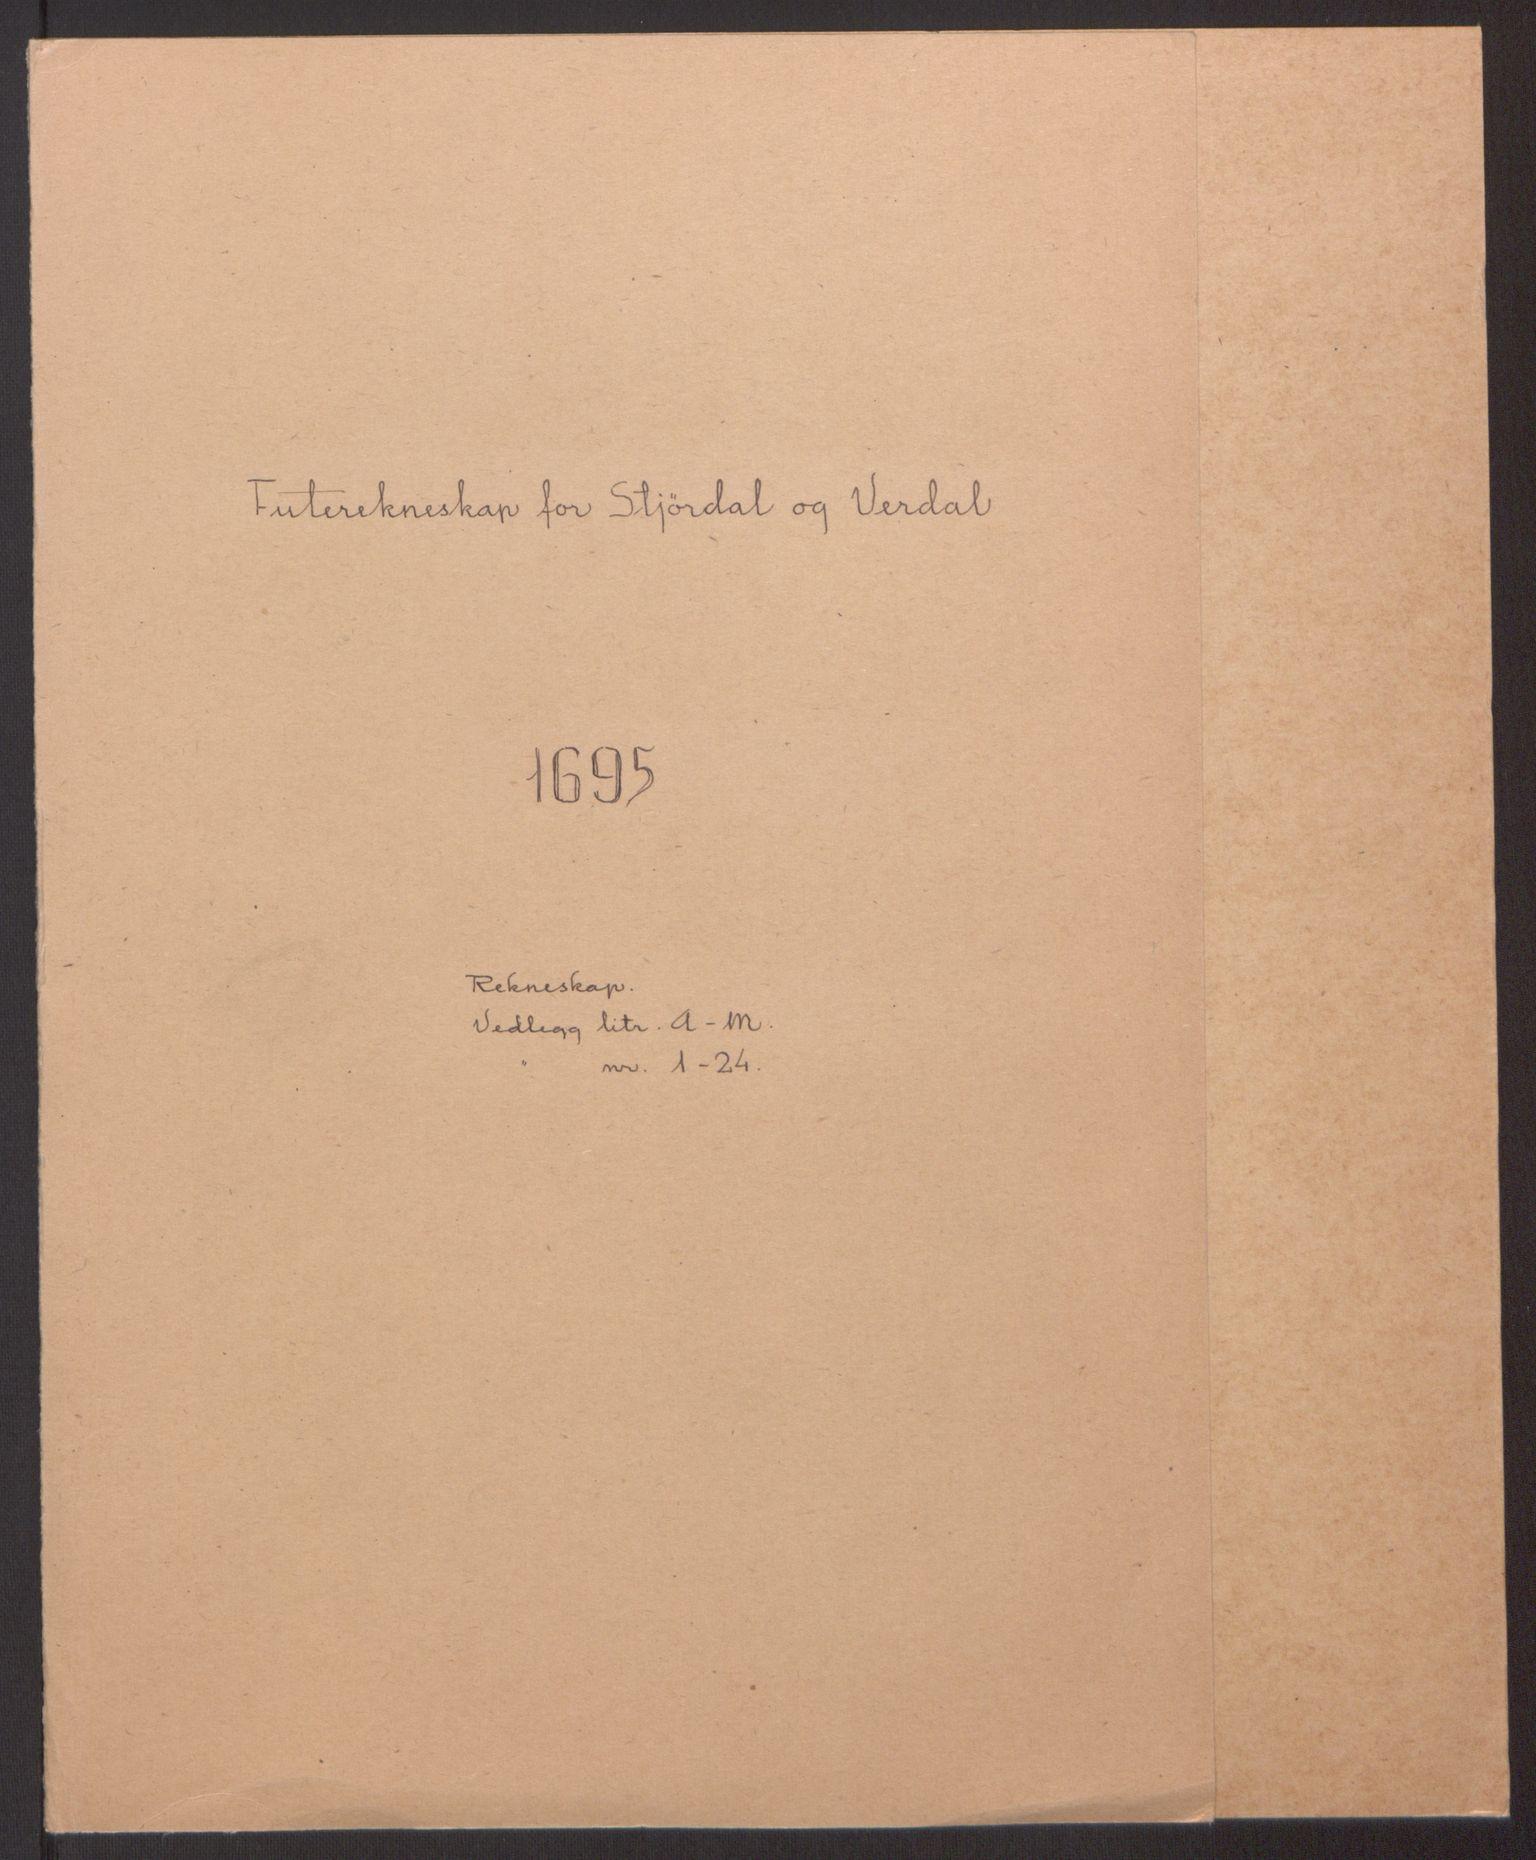 RA, Rentekammeret inntil 1814, Reviderte regnskaper, Fogderegnskap, R62/L4187: Fogderegnskap Stjørdal og Verdal, 1695, s. 2